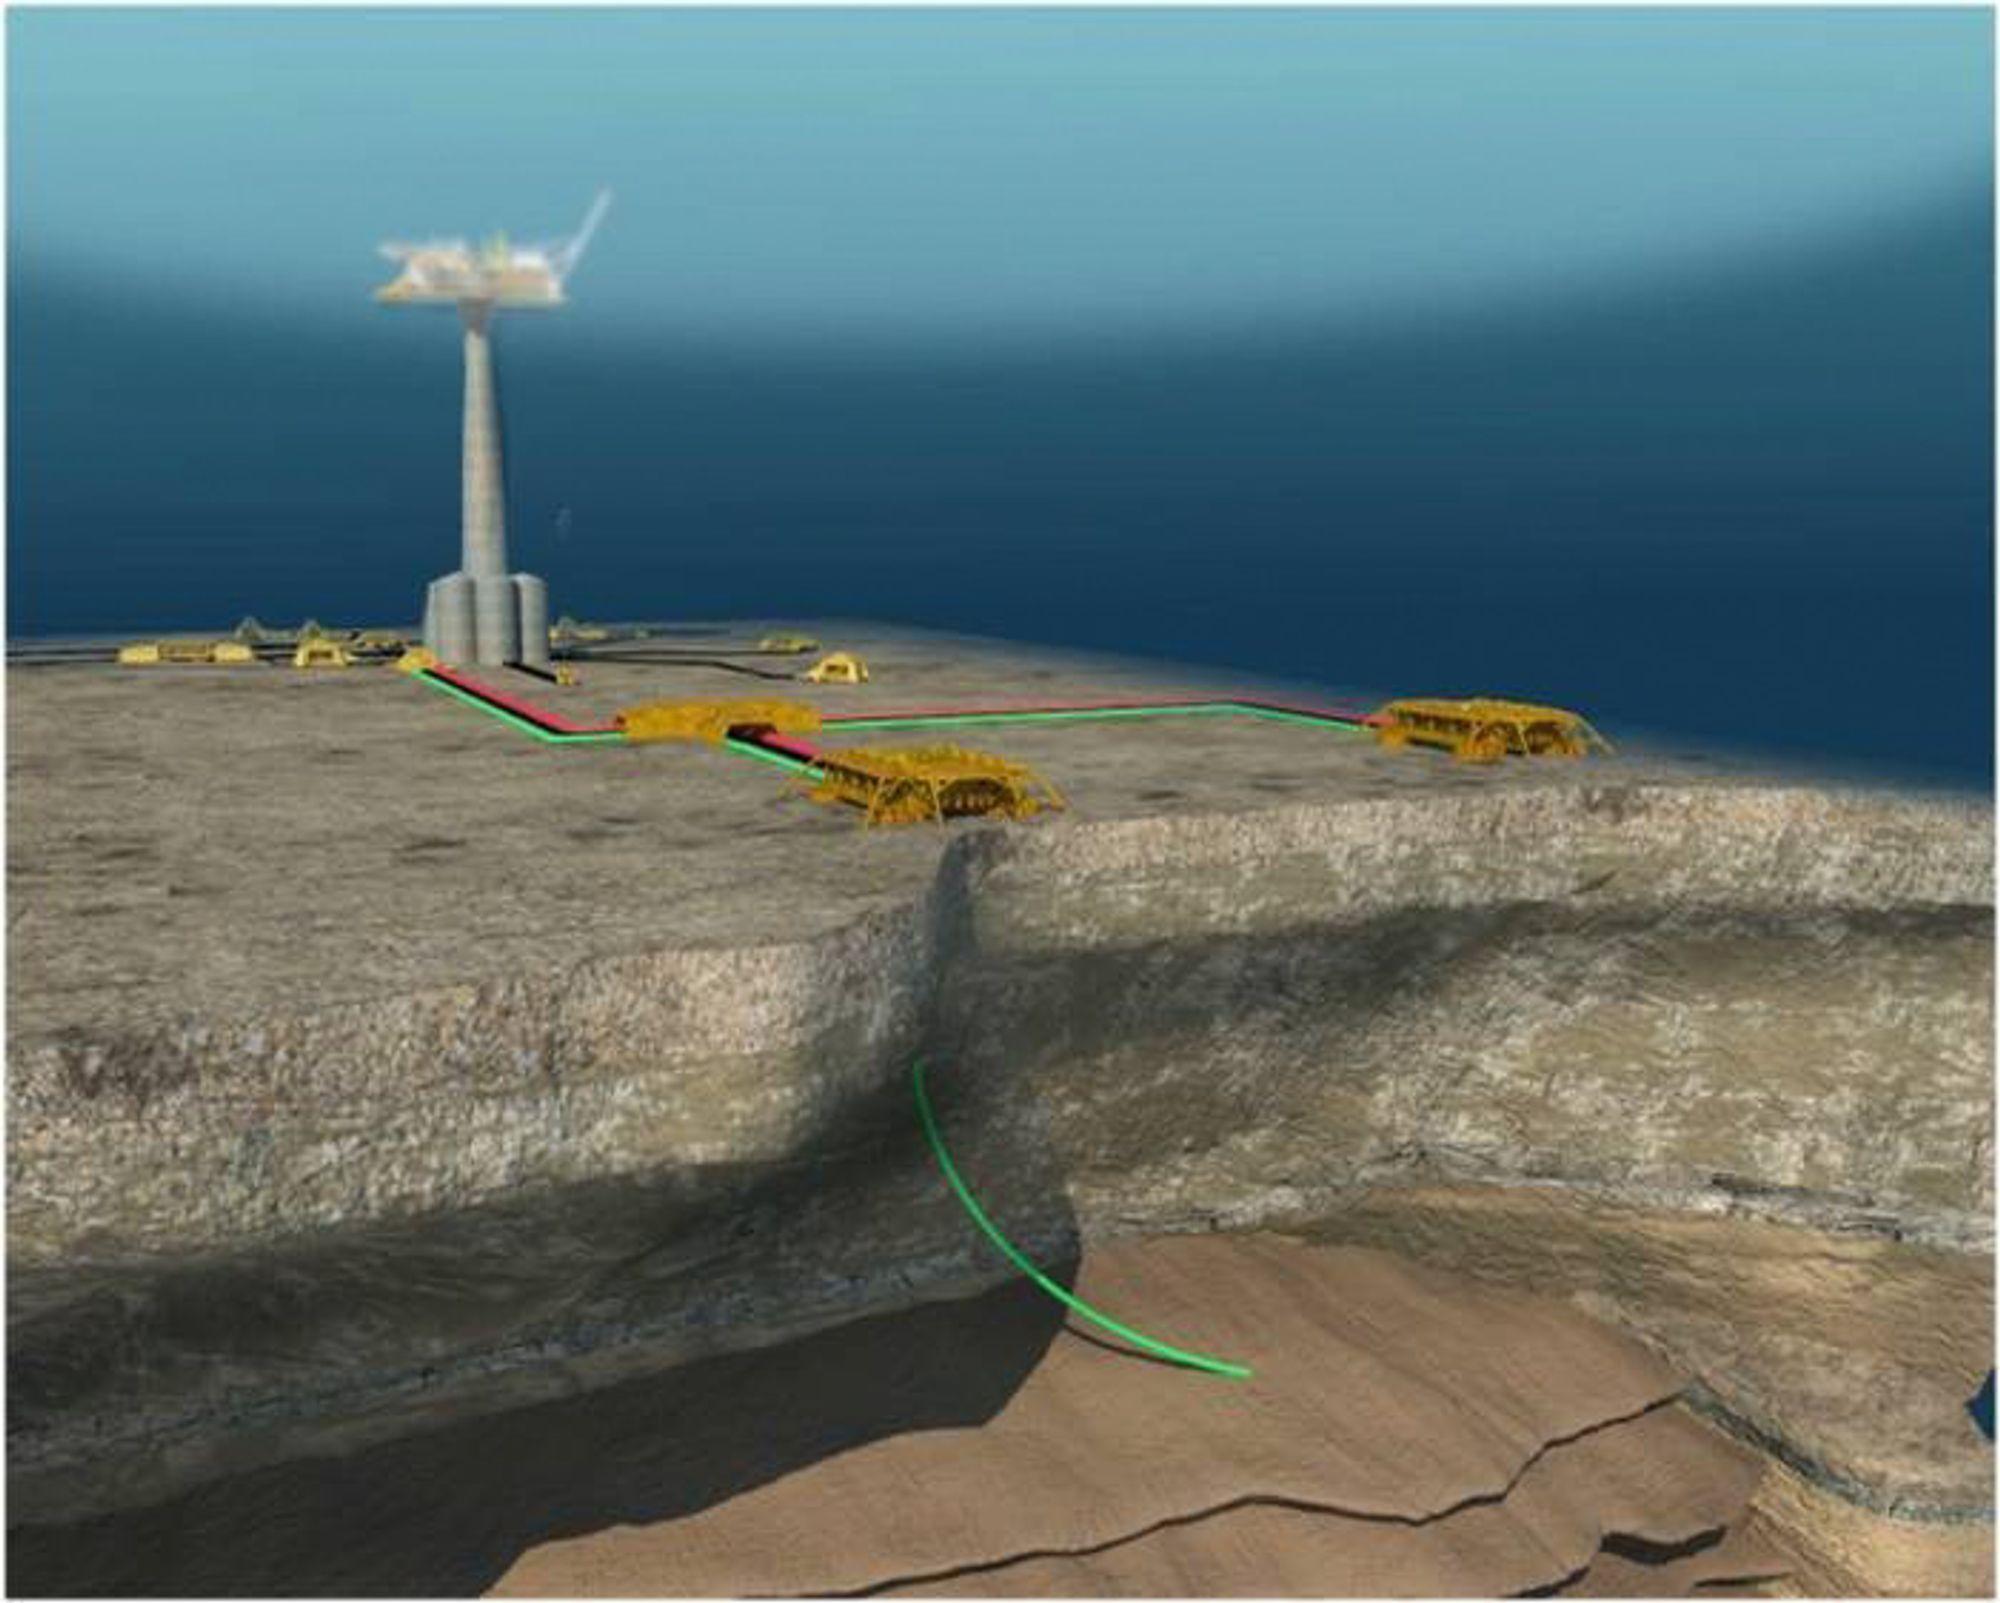 VIKTIG: Linnorm er et av feltene som er ment å betale for rørledningen Polarled. Nå står prosjektet i fare.